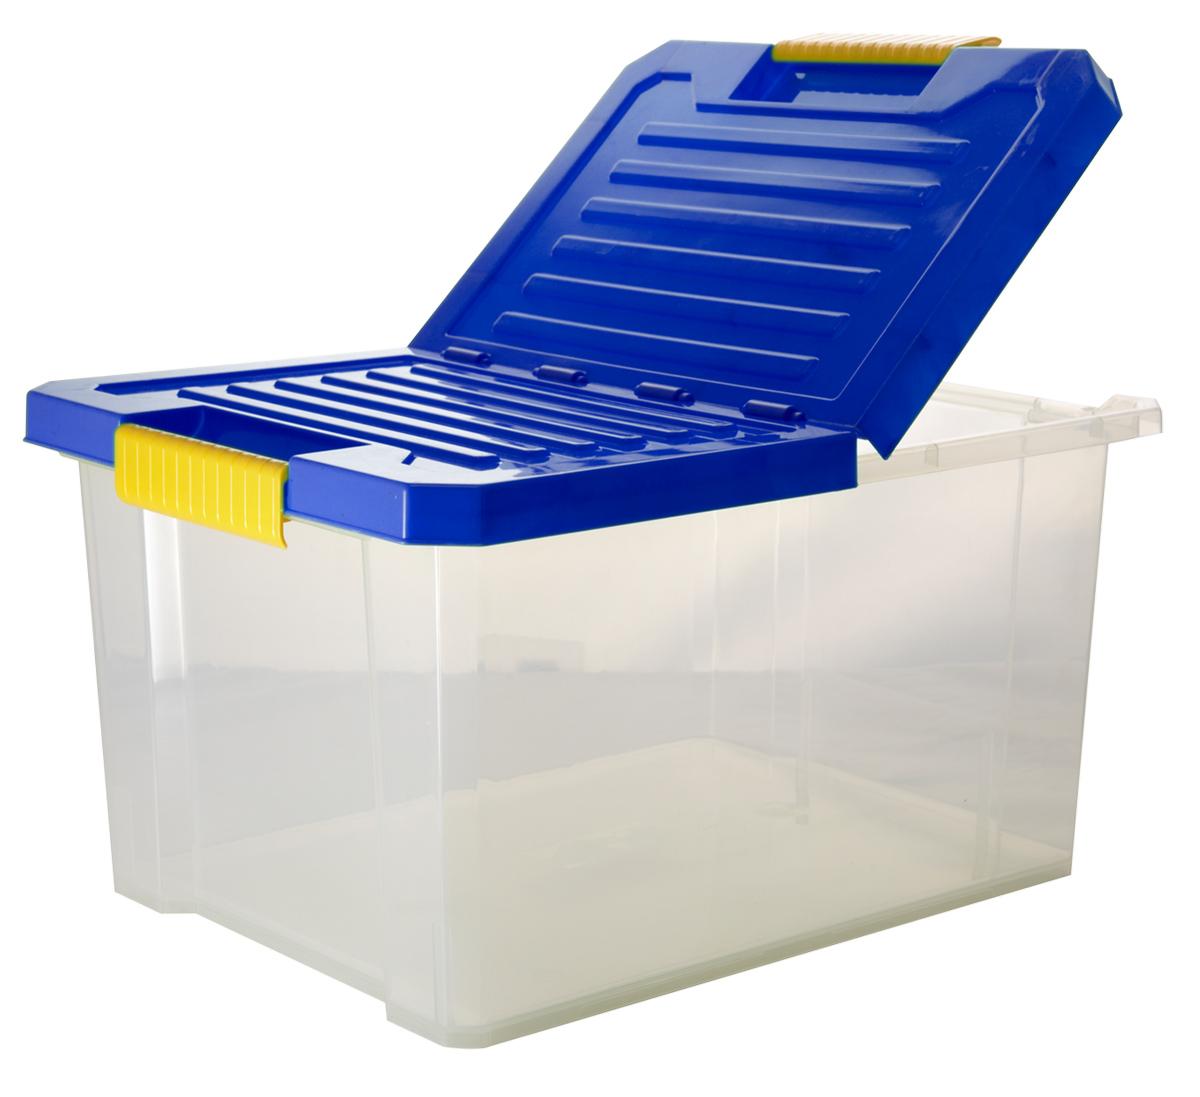 Ящик для хранения BranQ Unibox, цвет: синий, 405 х 305 х 210 ммBQ2562СНЛЕГОУниверсальный ящик для хранения со складной крышкой. В нем можно хранить все, что угодно: одежду, обувь, детские игрушки и т.п. Наш ящик имеет эргономичные защелки-ручки, поэтому его удобно переносить как с крышкой, так и без крышки.